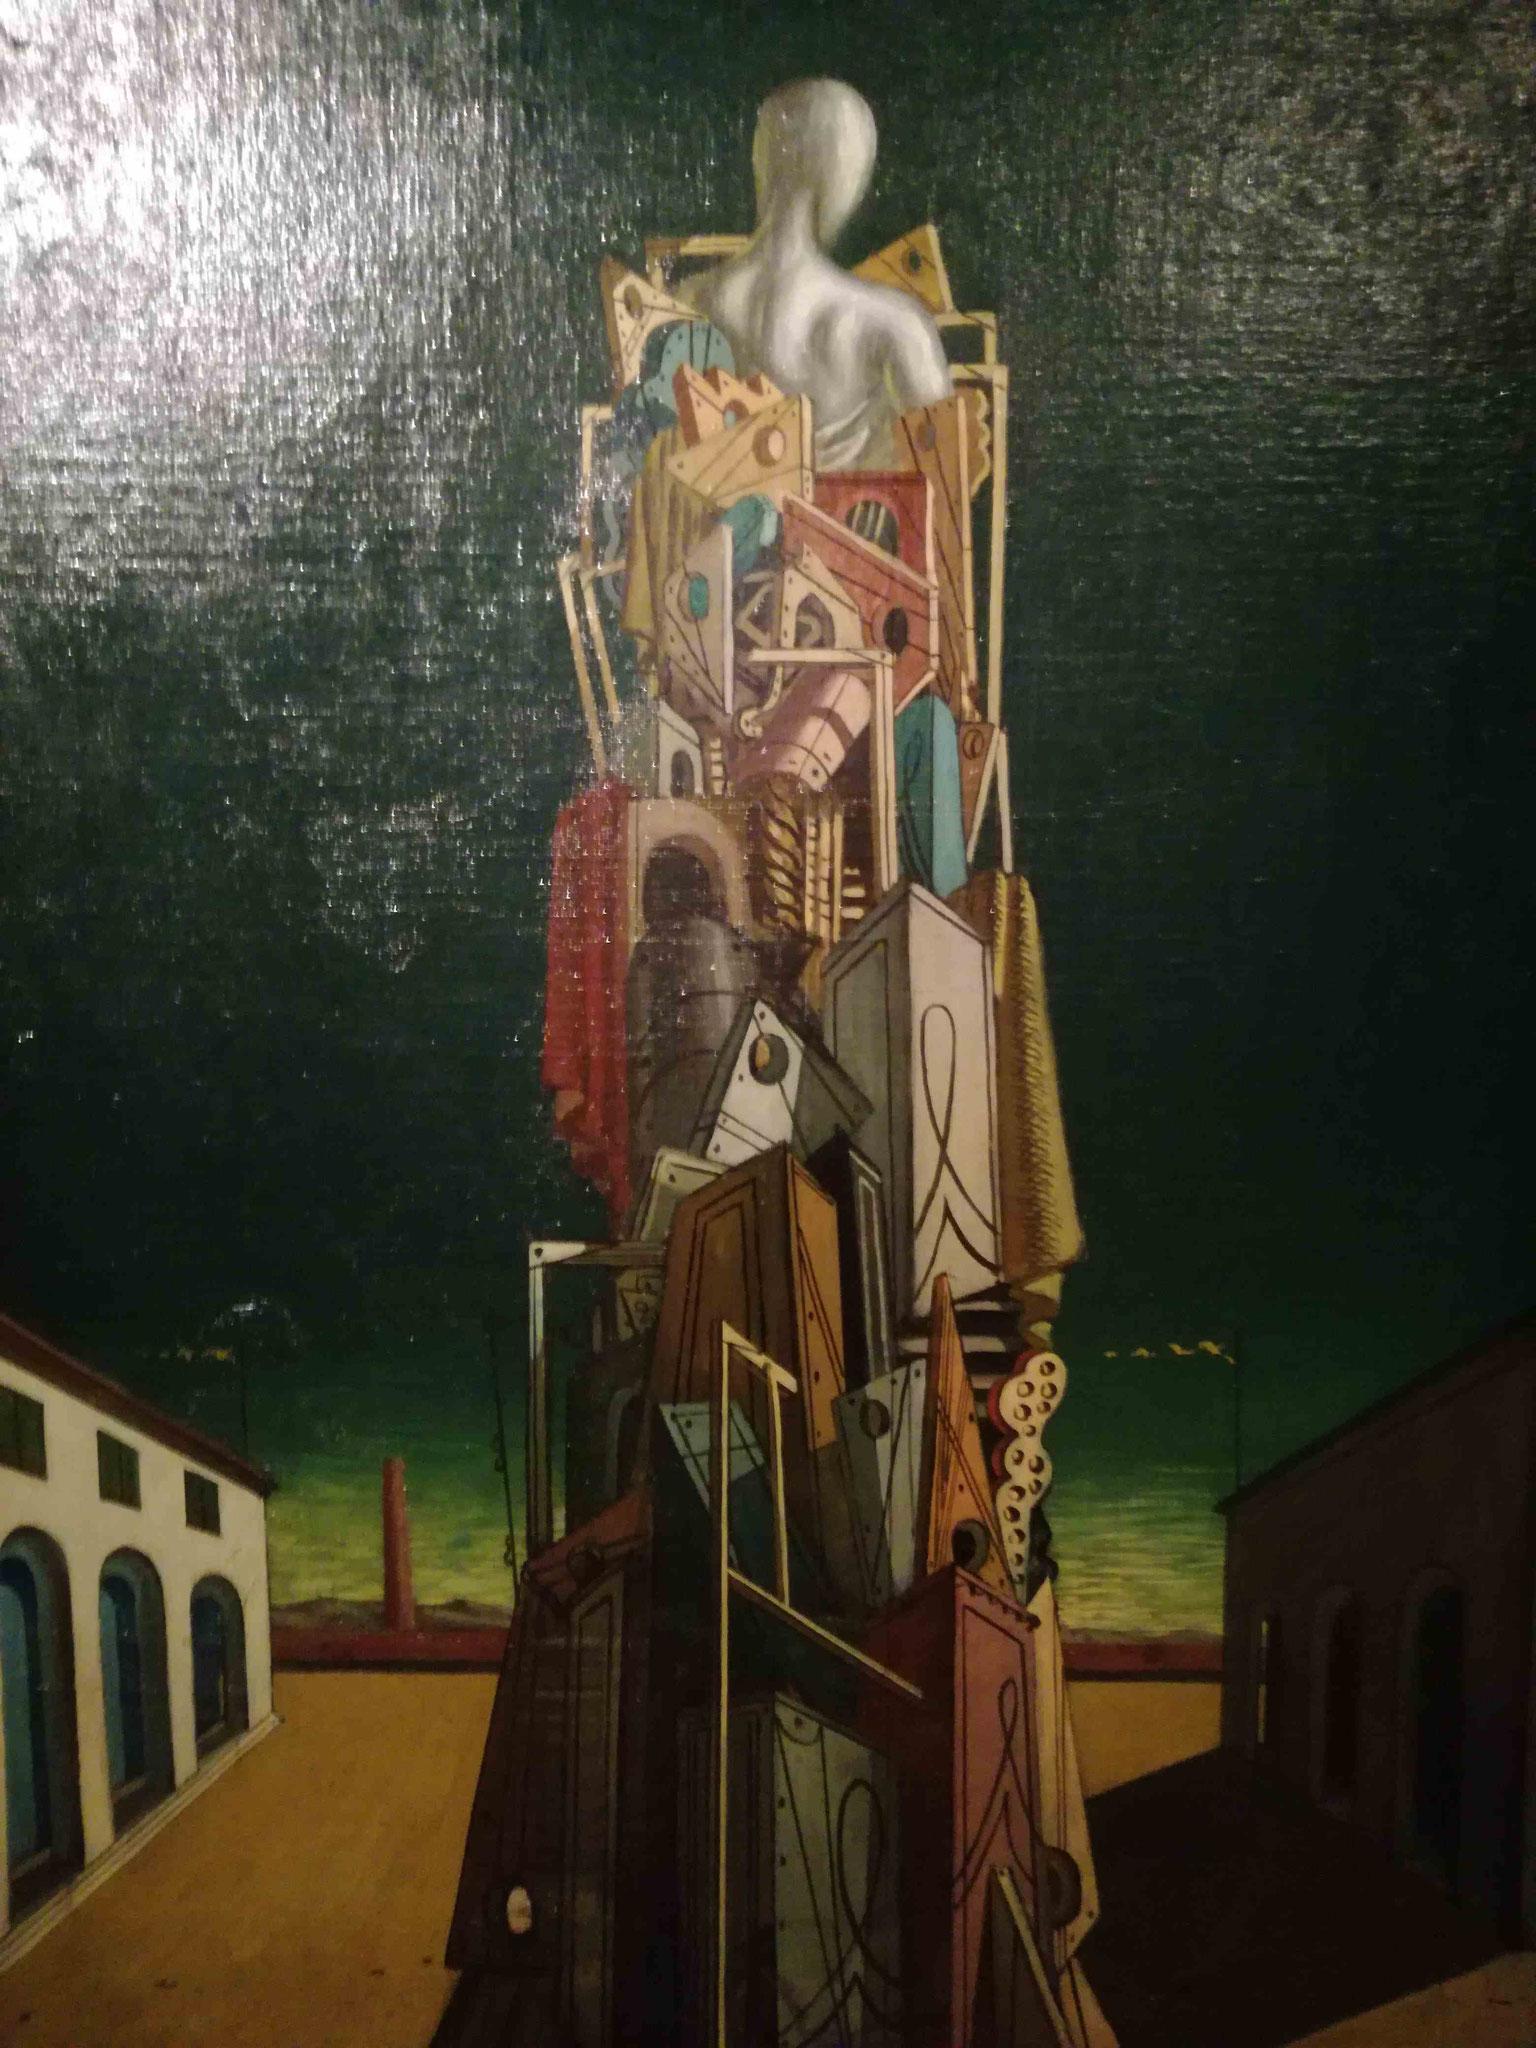 Giorgio de Chirico, Der  große Metaphysiker, Sonderausstellung in der Sammlung Schafr-Gerstenberg, Berlin